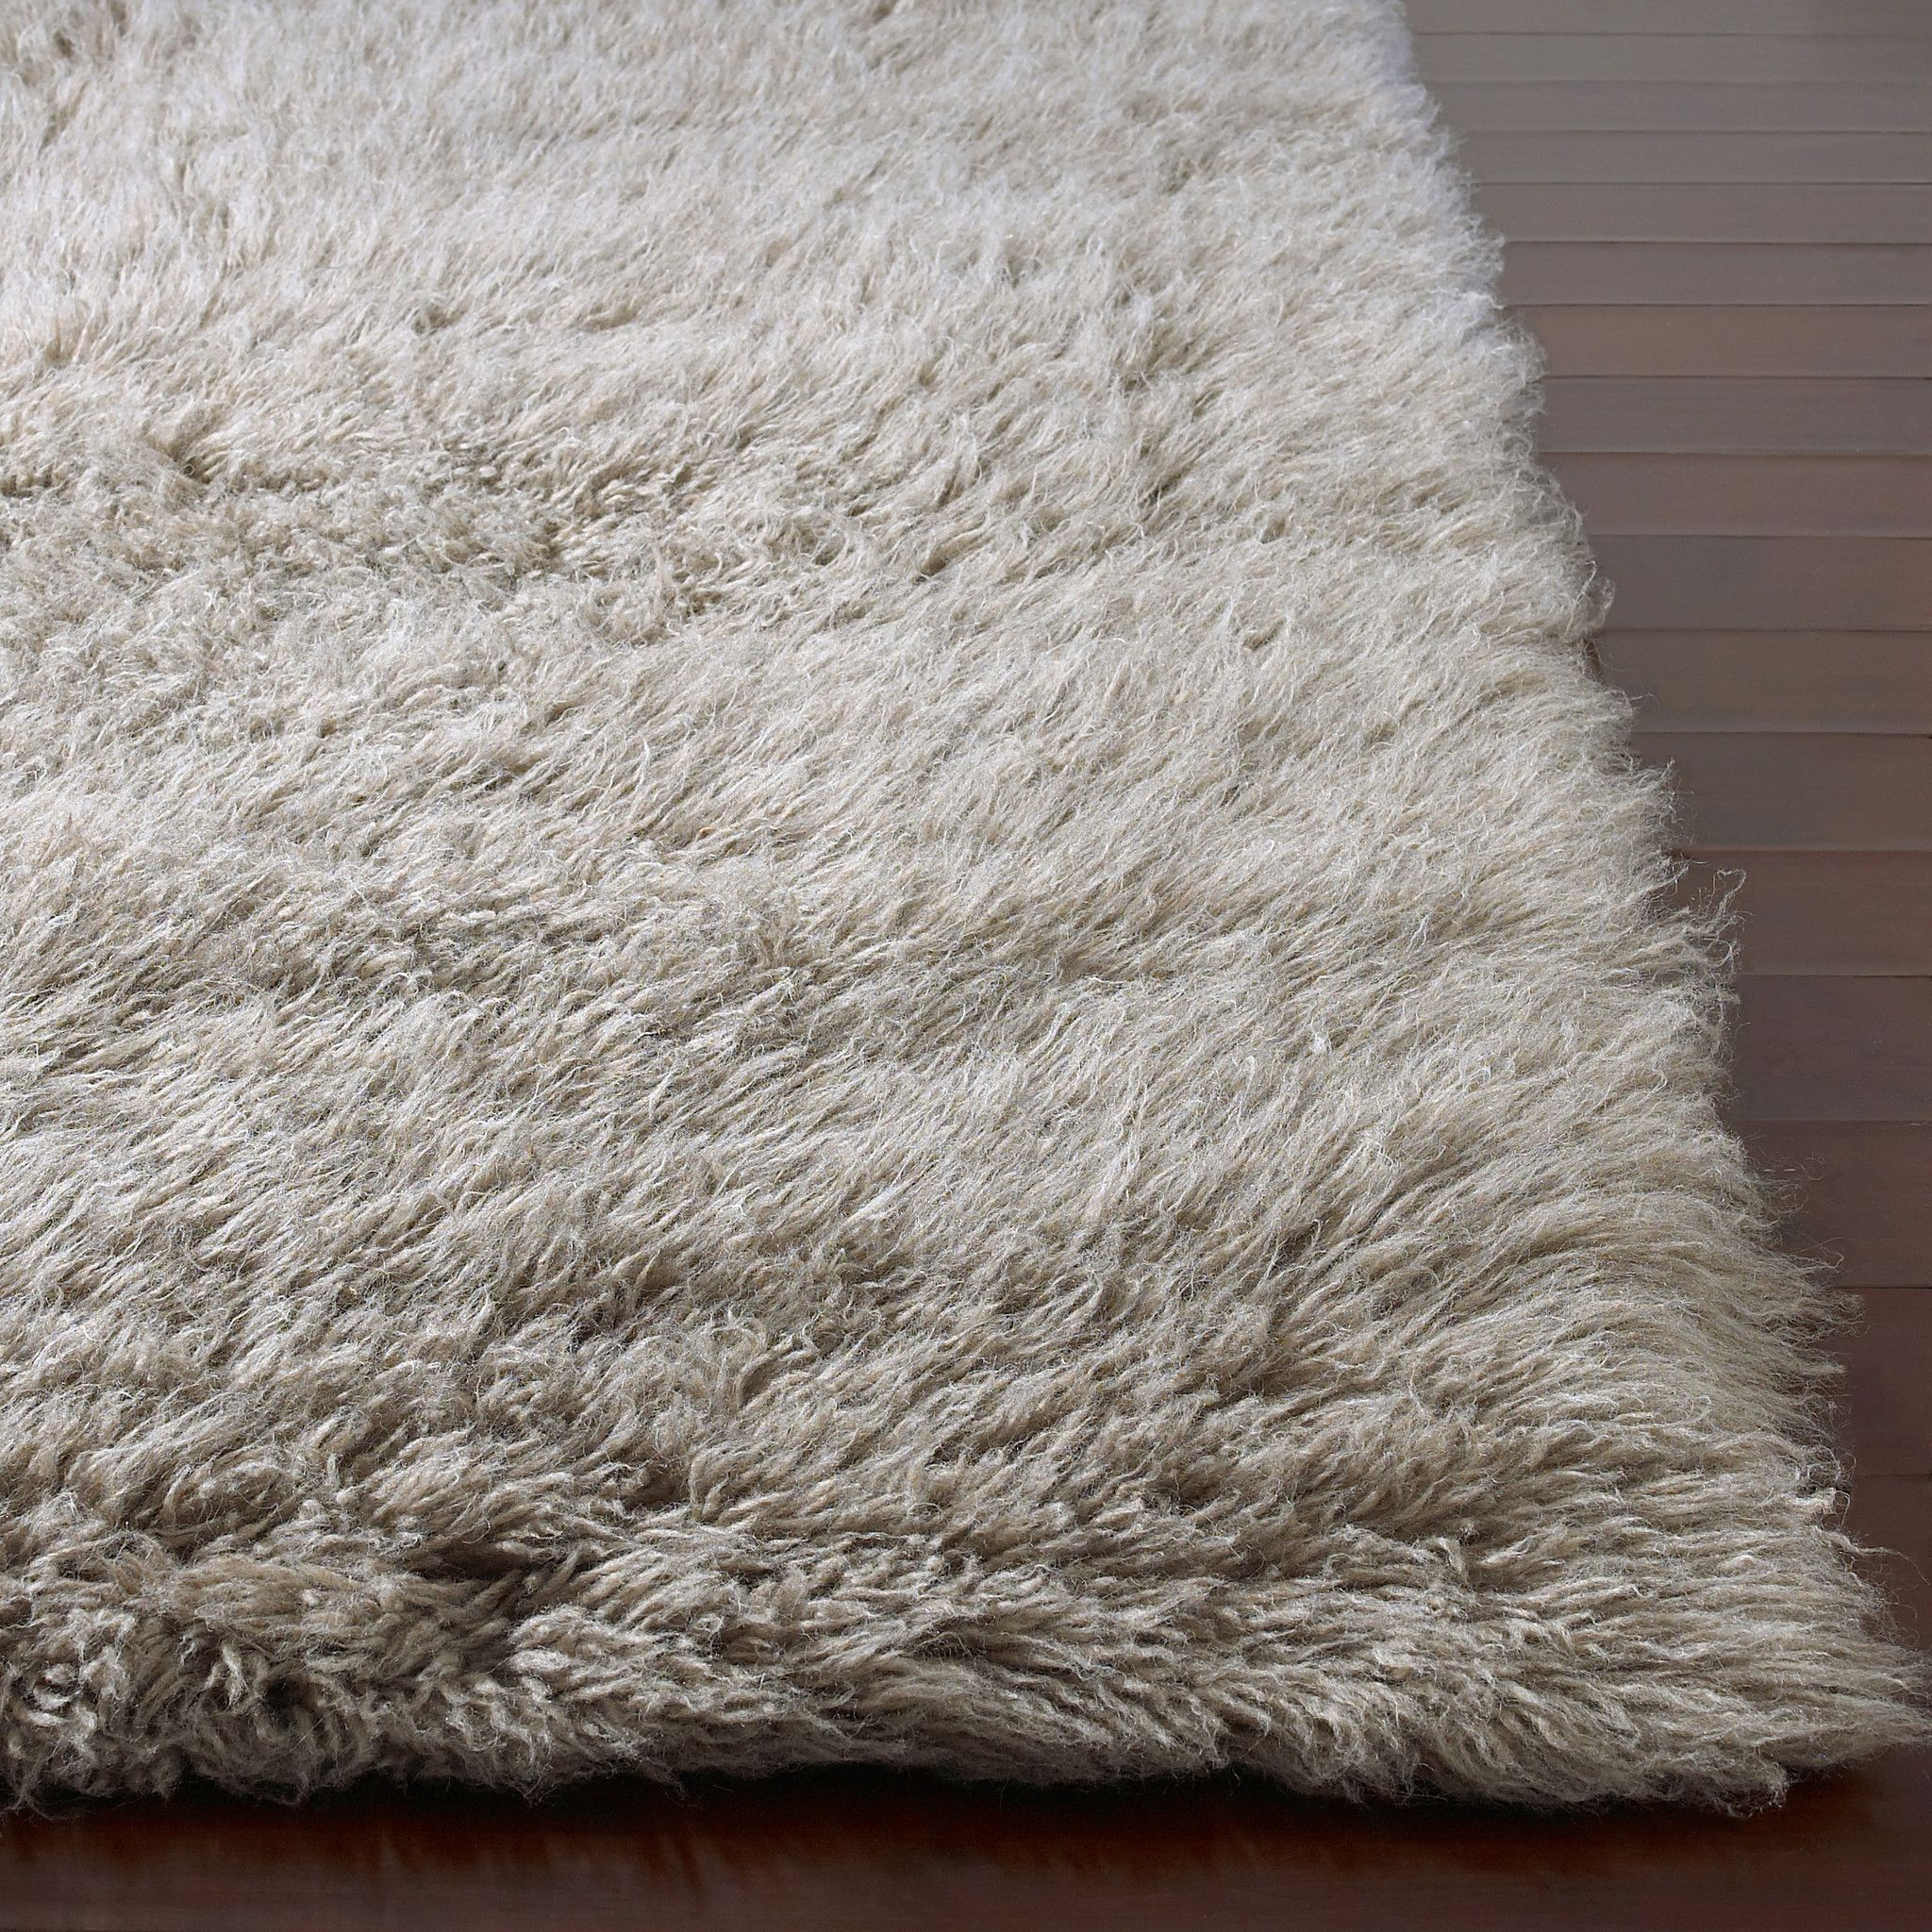 Nuloom Flokati Shag Rug Fuzzy Rug Flokati Rug Wool Shag Rug